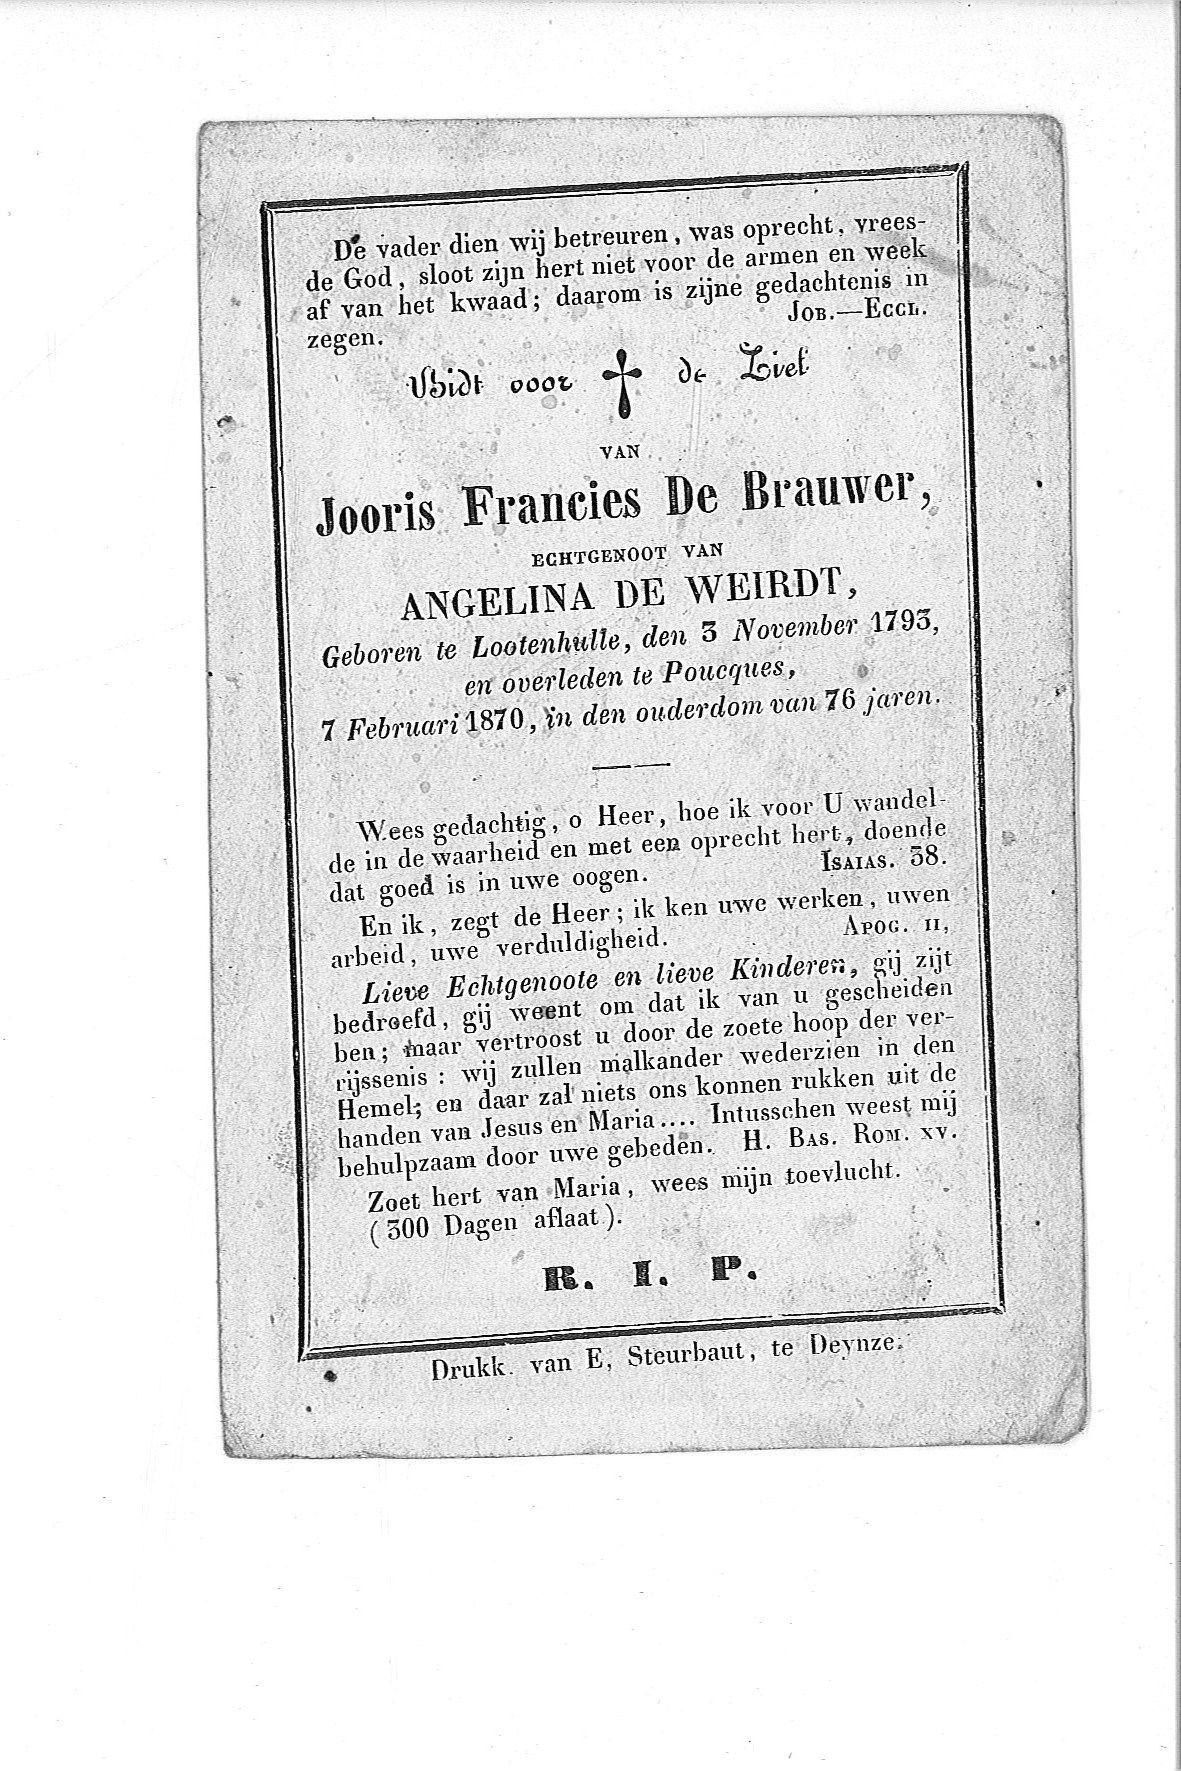 jooris-francies(1870)20090409113425_00032.jpg